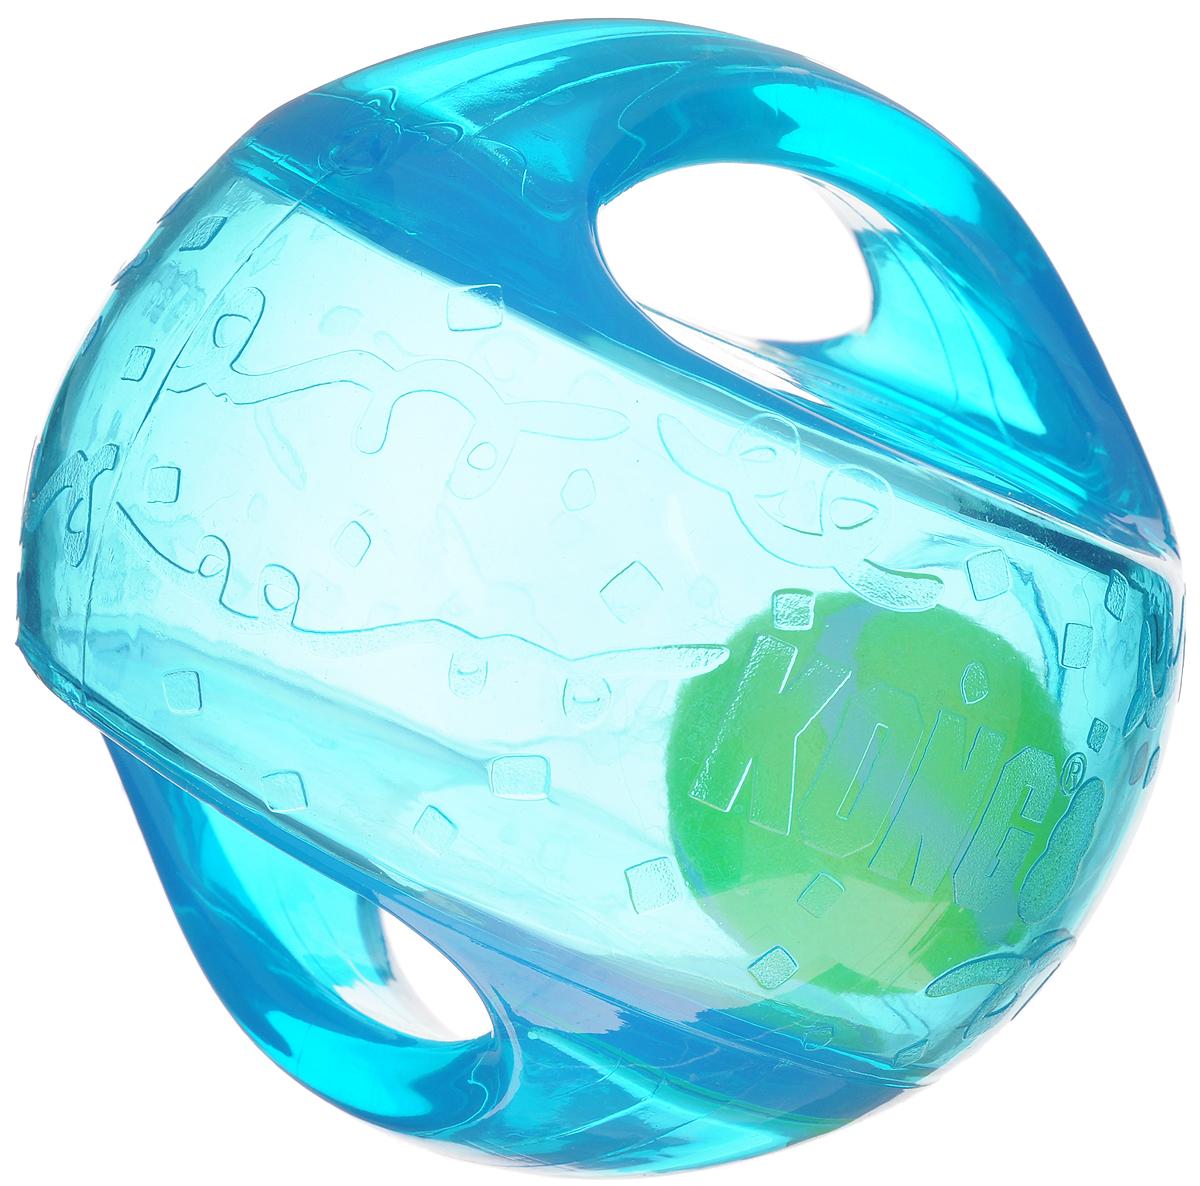 Игрушка для собак Kong Мячик L/XL, с пищалкой, цвет: прозрачный, бирюзовый, 18 х 18 х 18 см0120710Игрушка для собак Kong Мячик L/XL, выполненная извысококачественного каучука, представляет собой мяч 2 в 1.Теннисный мяч, расположенный внутри, гремит и будетпривлекать внимание вашего питомца, побуждая достать его.Просто потрясите игрушку. Удобные ручки служат дляподнятия. Также изделие оснащено пищалкой.С такой игрушкой вы сможете играть в захватывающие иактивные игры с вашей собакой. Она прекрасно подходит дляживотных крупного размера, с сильными челюстямии для использования в качестве дрессировочного предмета.